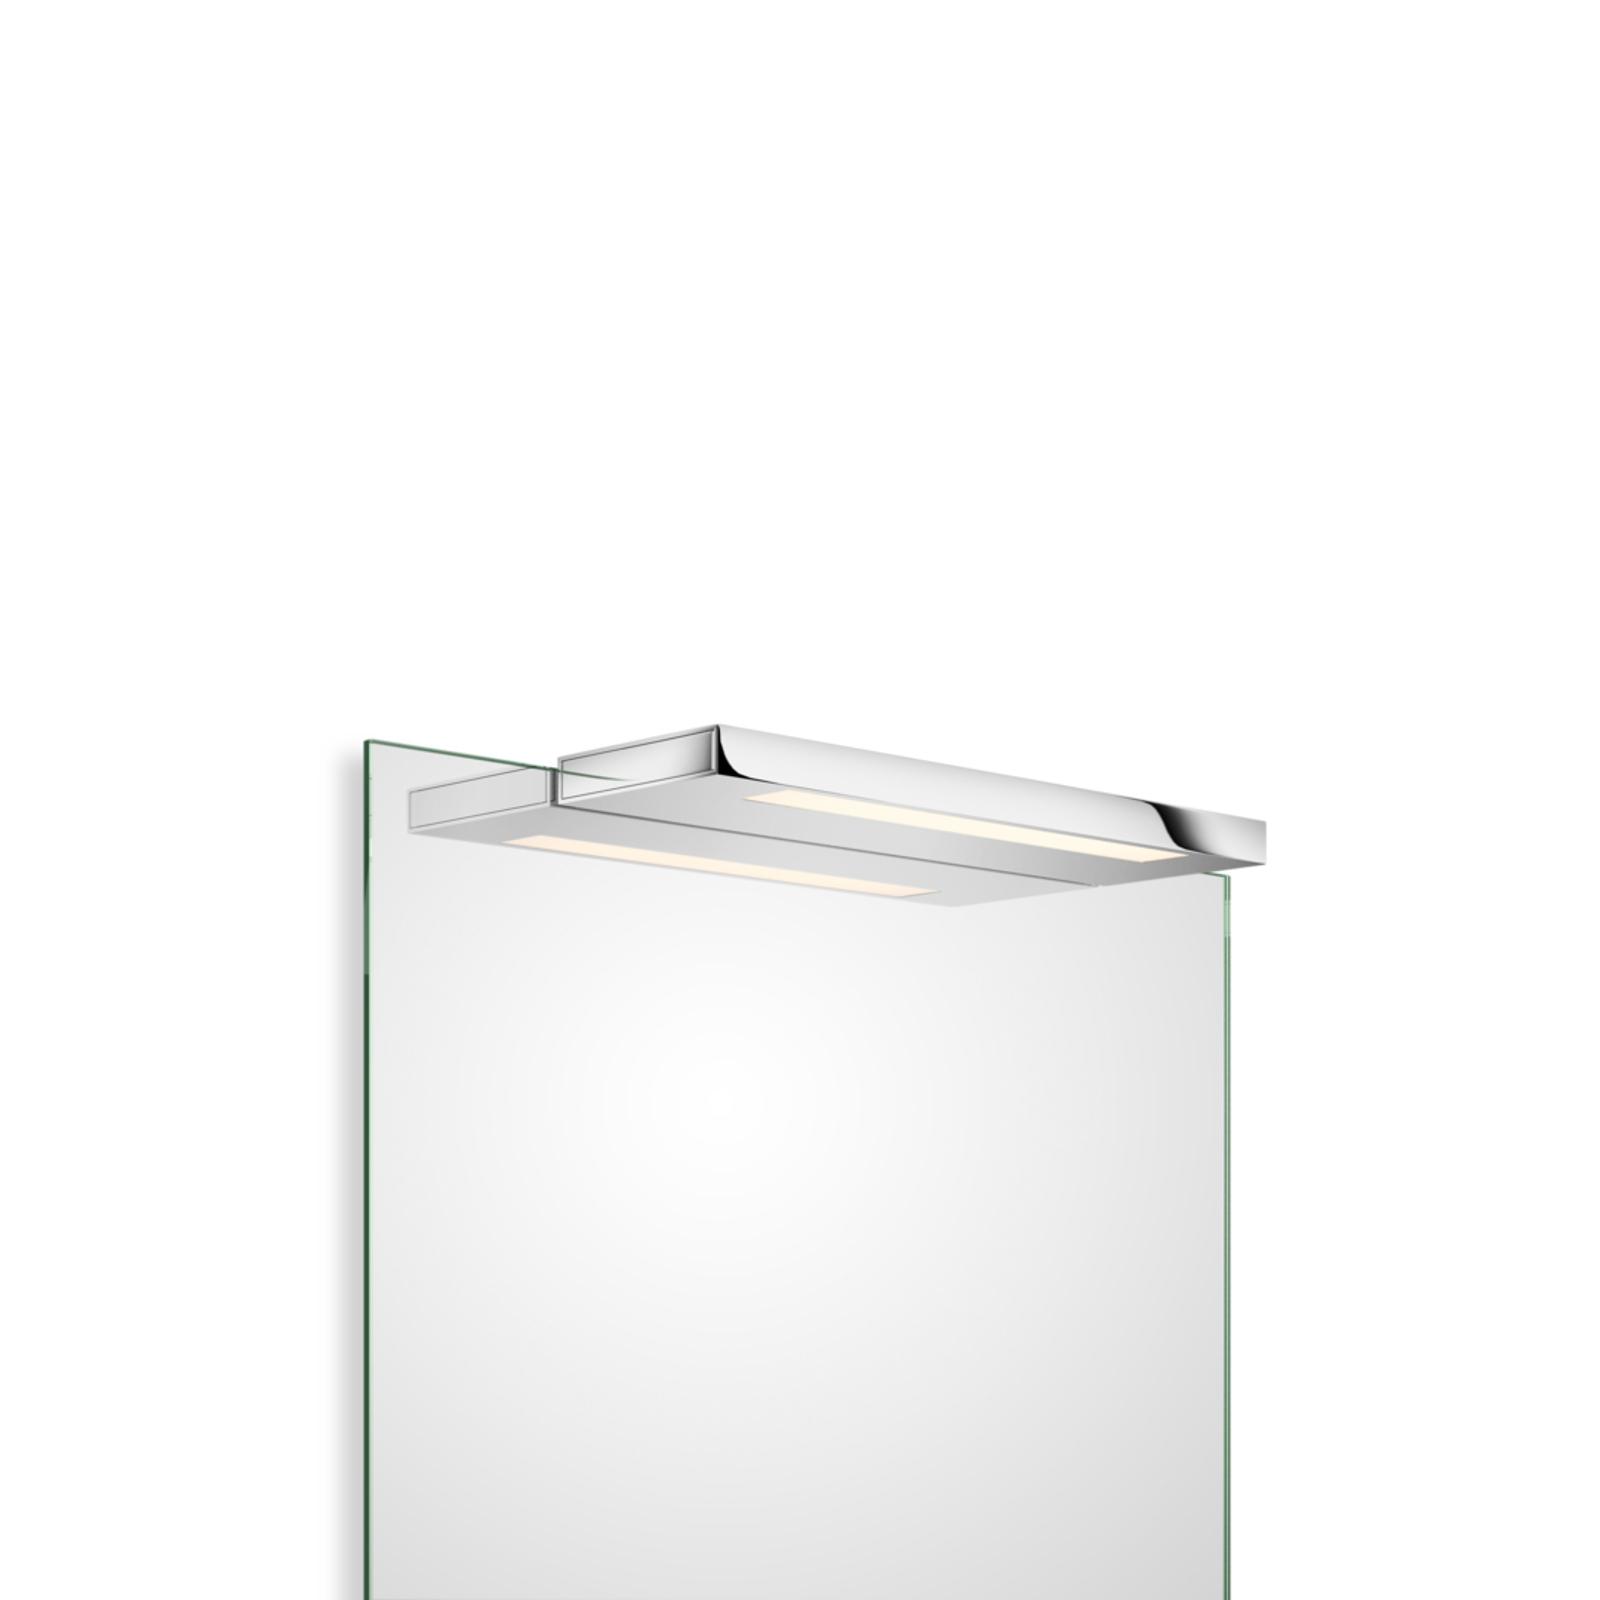 Decor Walther Slim LED-spejllampe, krom, 34 cm